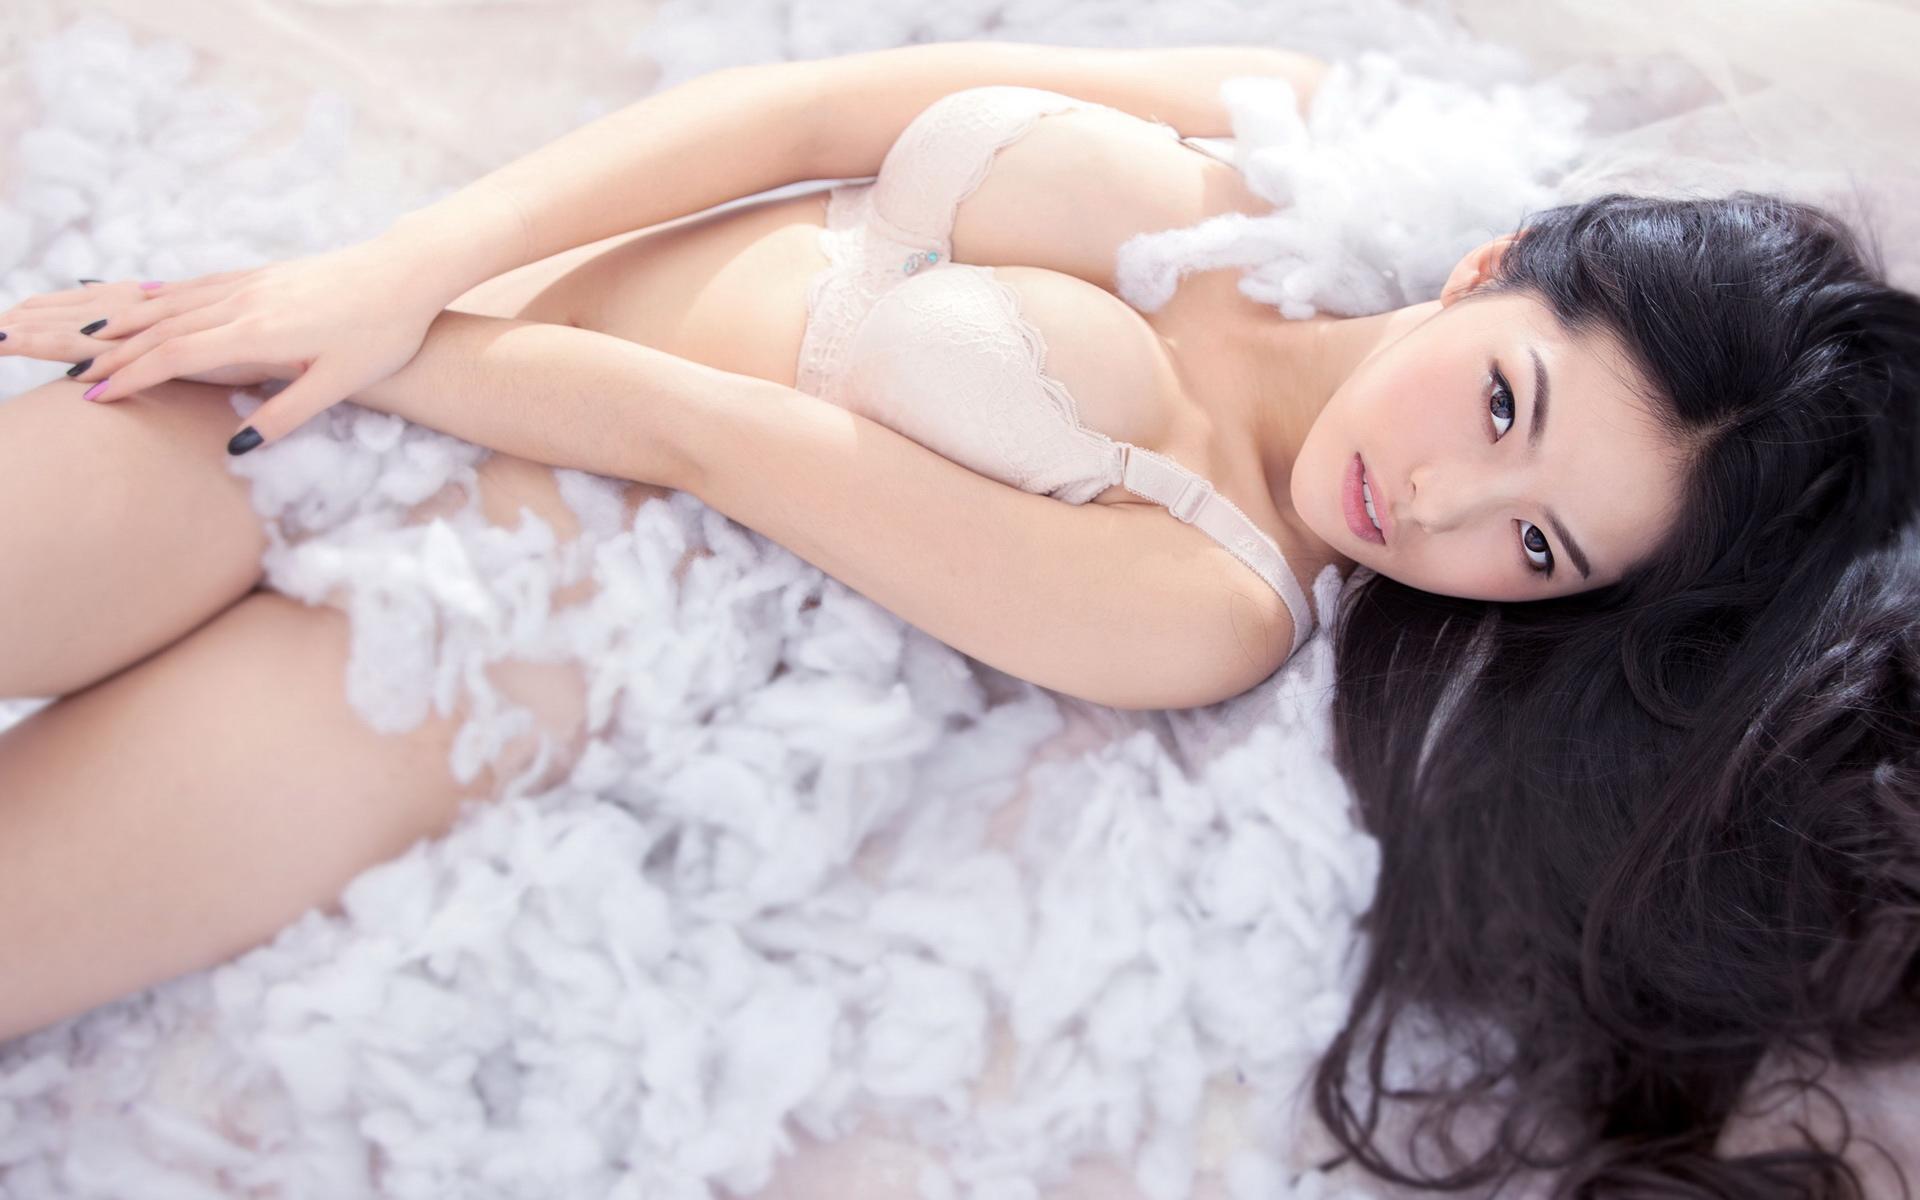 唯美性感美女内衣私房写真摄影壁纸大全